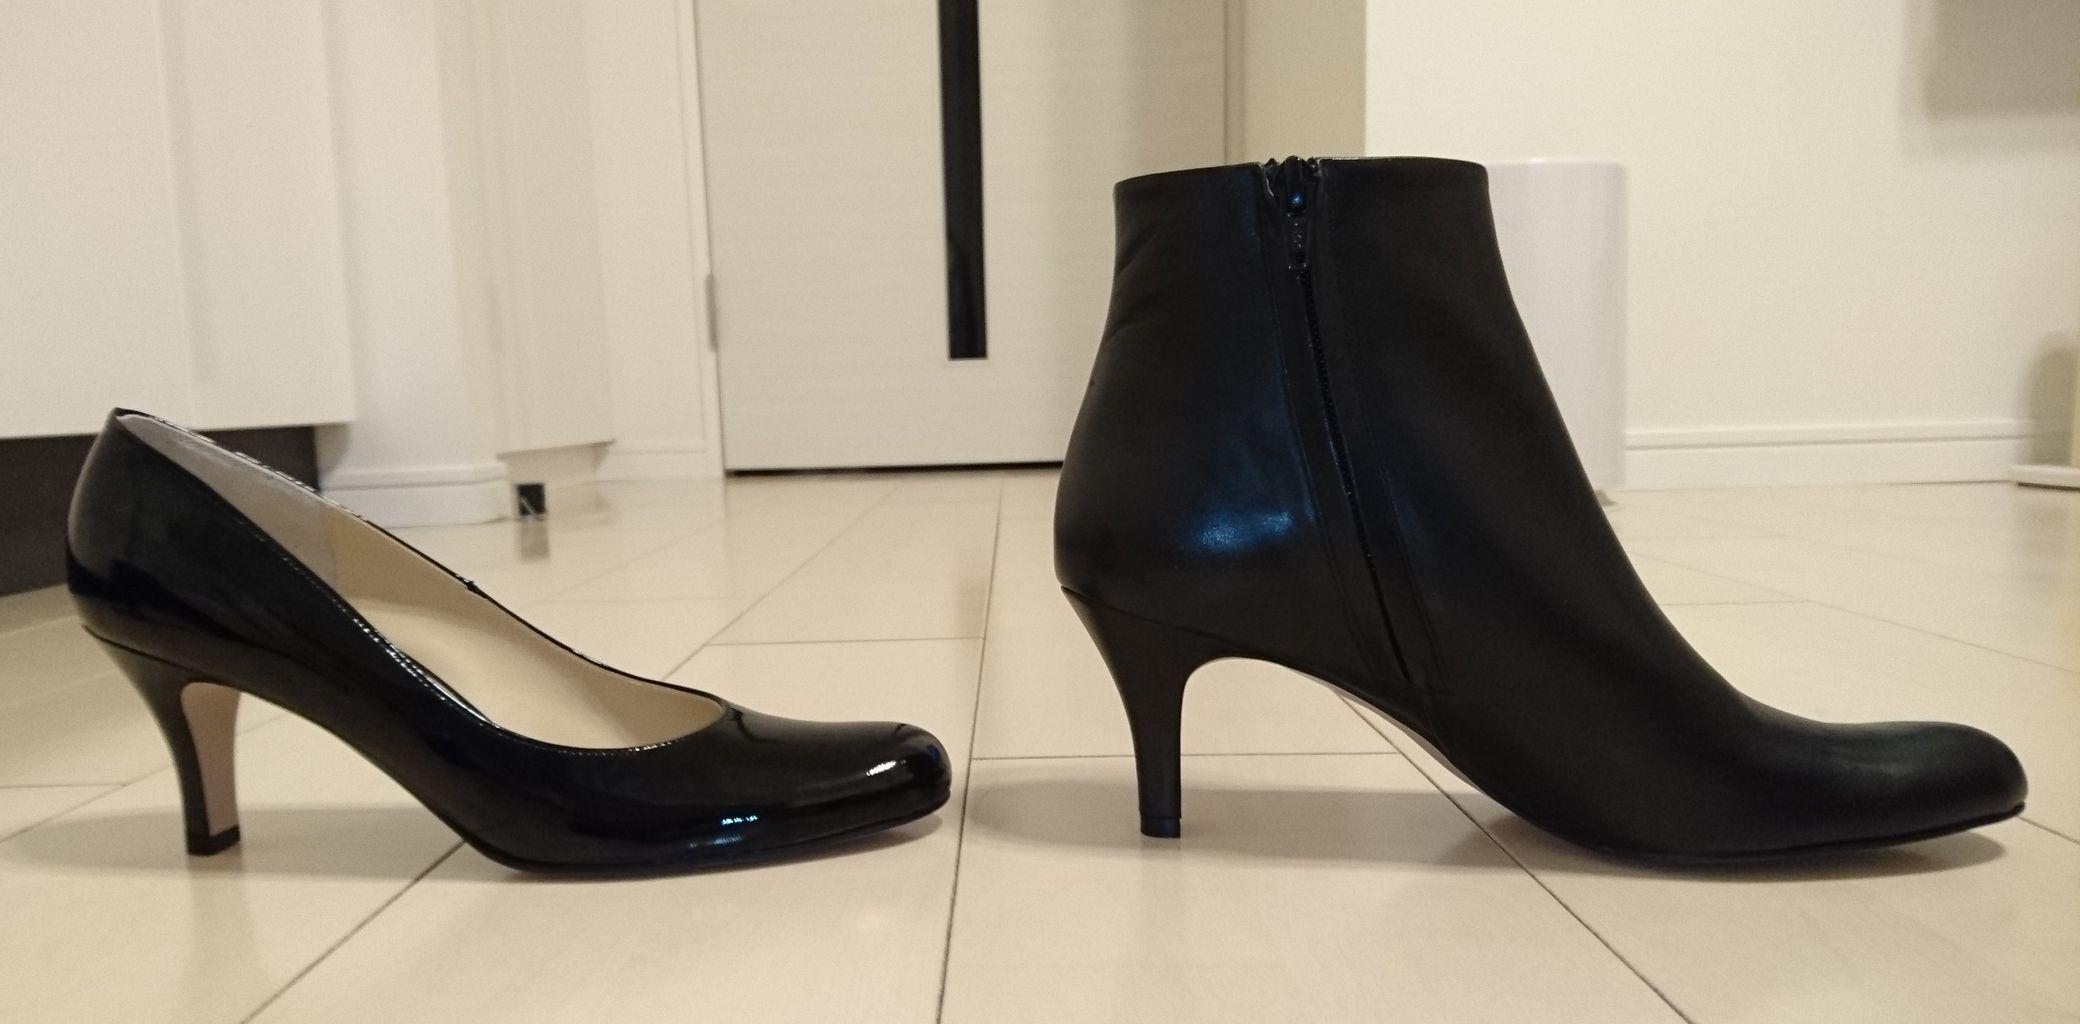 やっと届いた靴  おうちとわたし、やわらかなじかん。